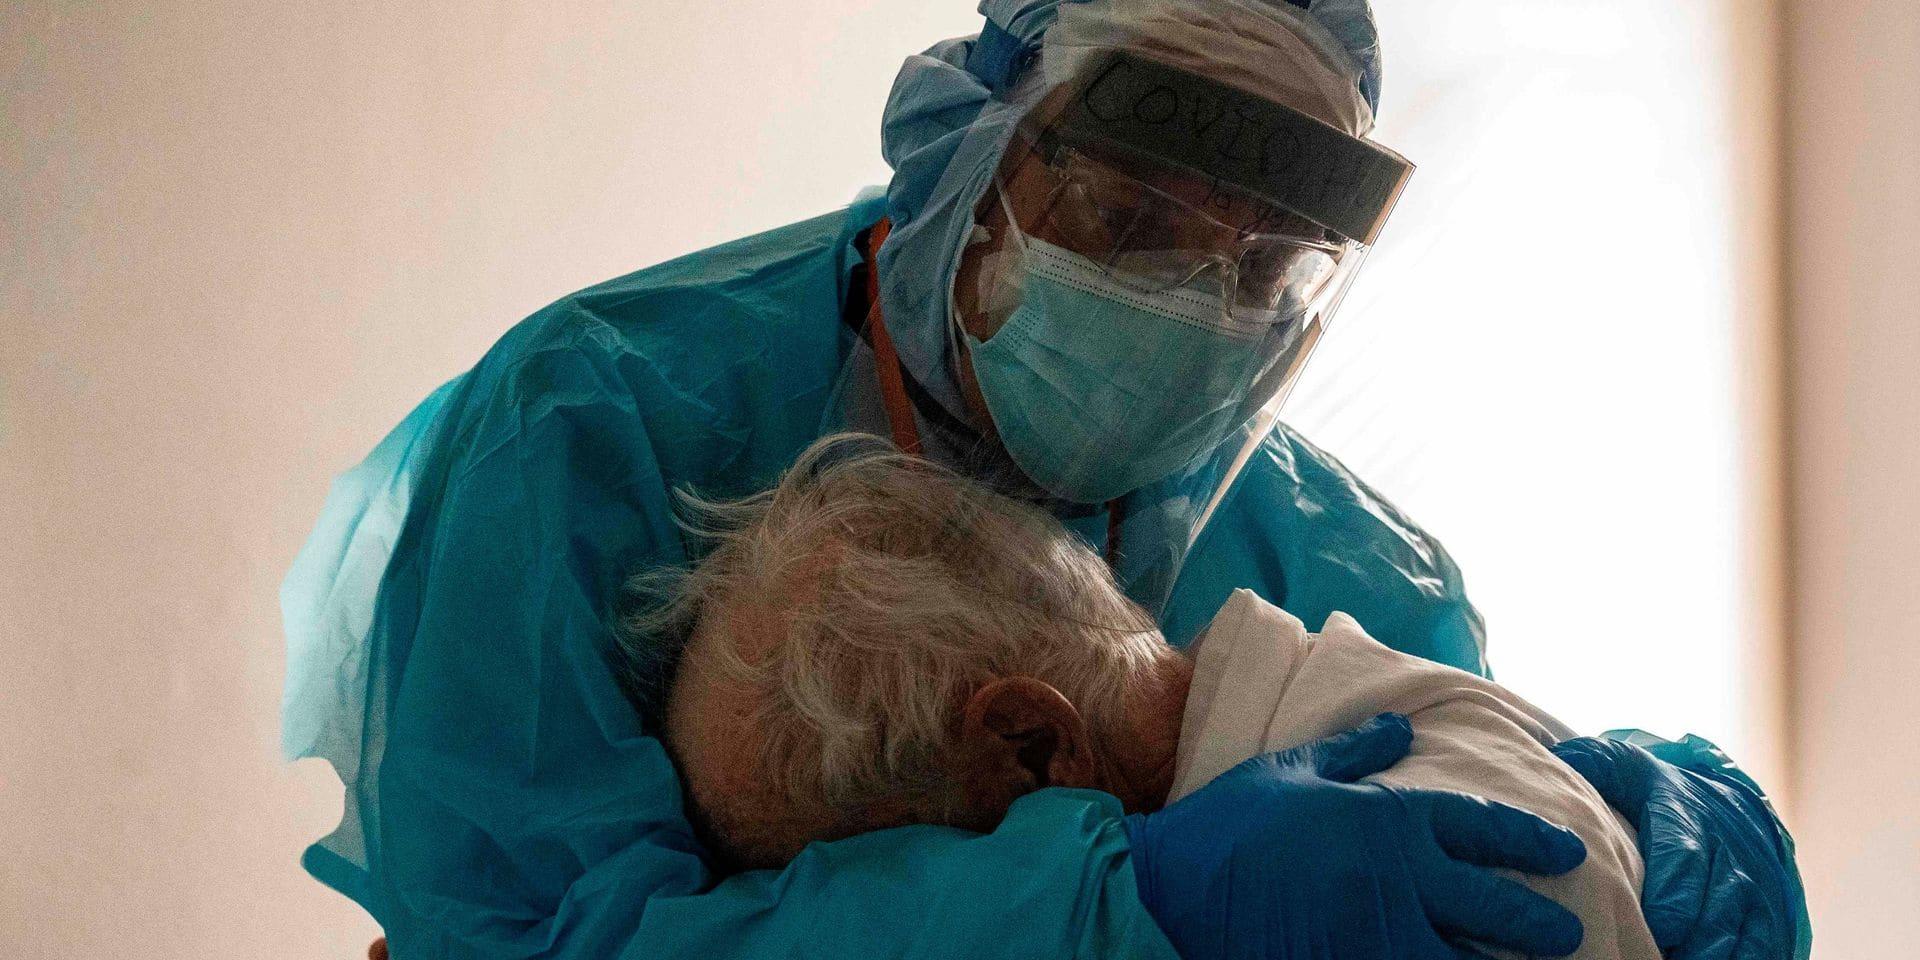 Cette photo d'un médecin enlaçant un patient âgé atteint du Covid devient virale